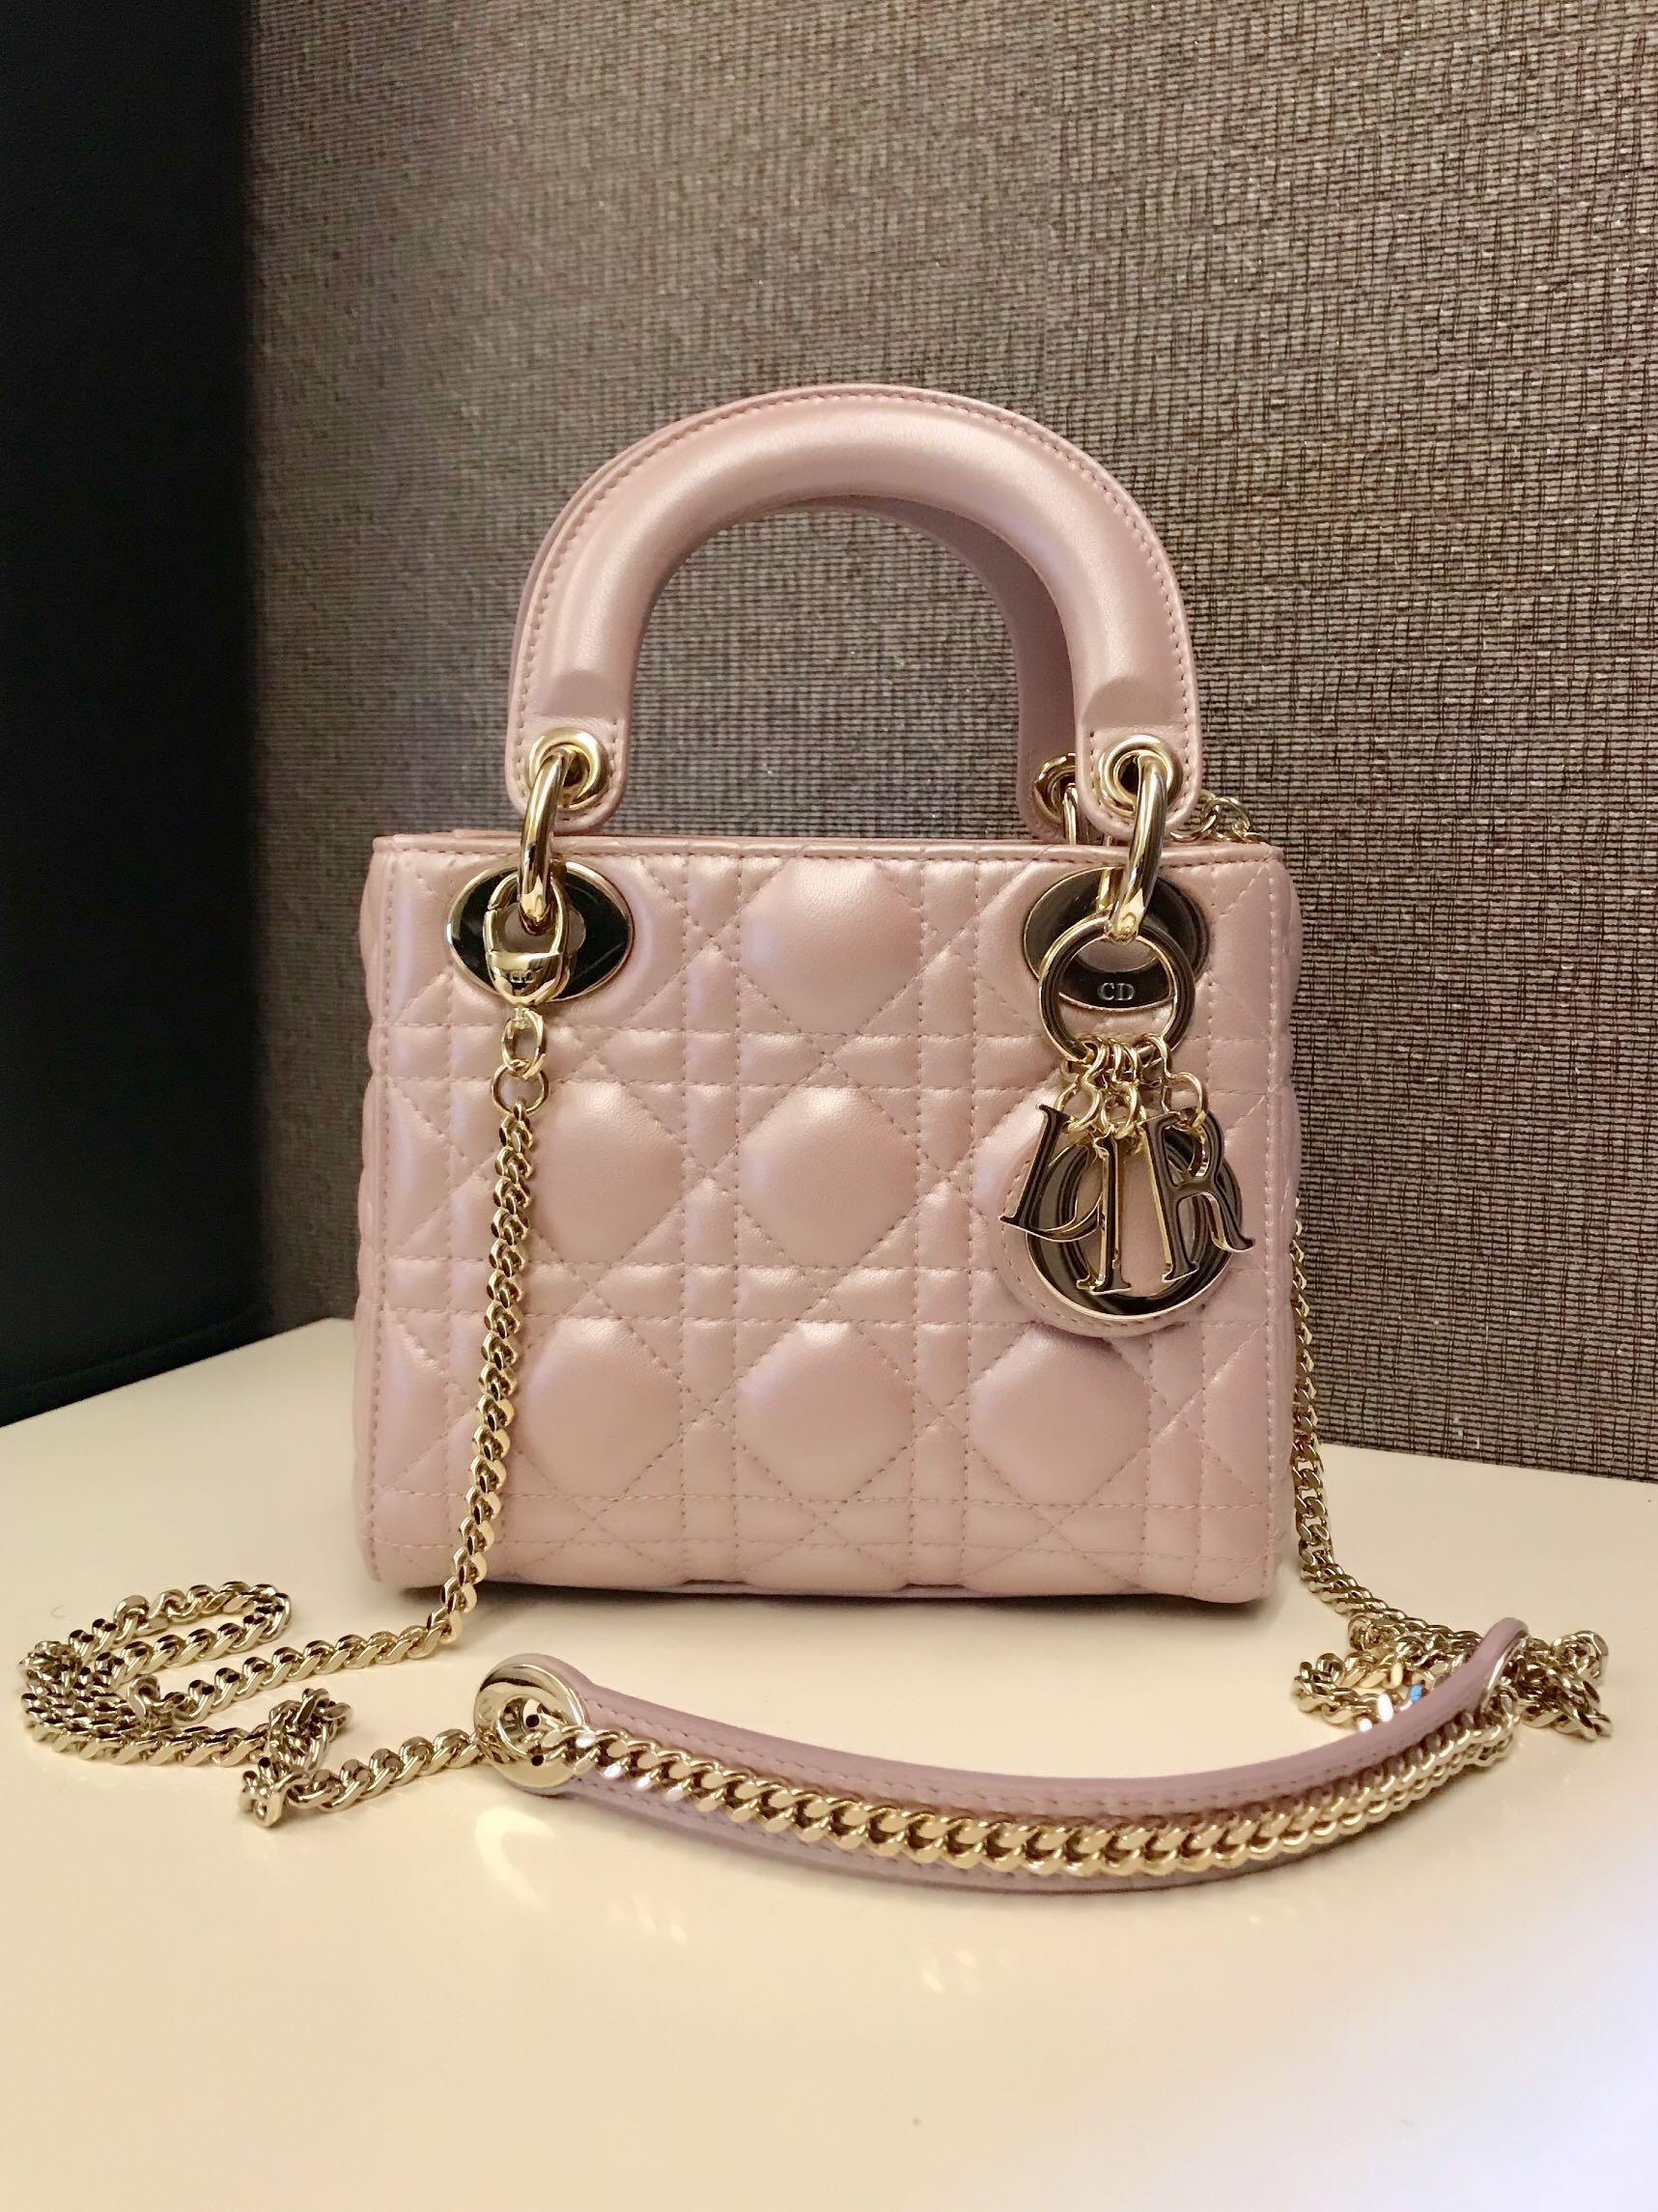 16132e52e028 Lady Dior Mini in Pearly Pink